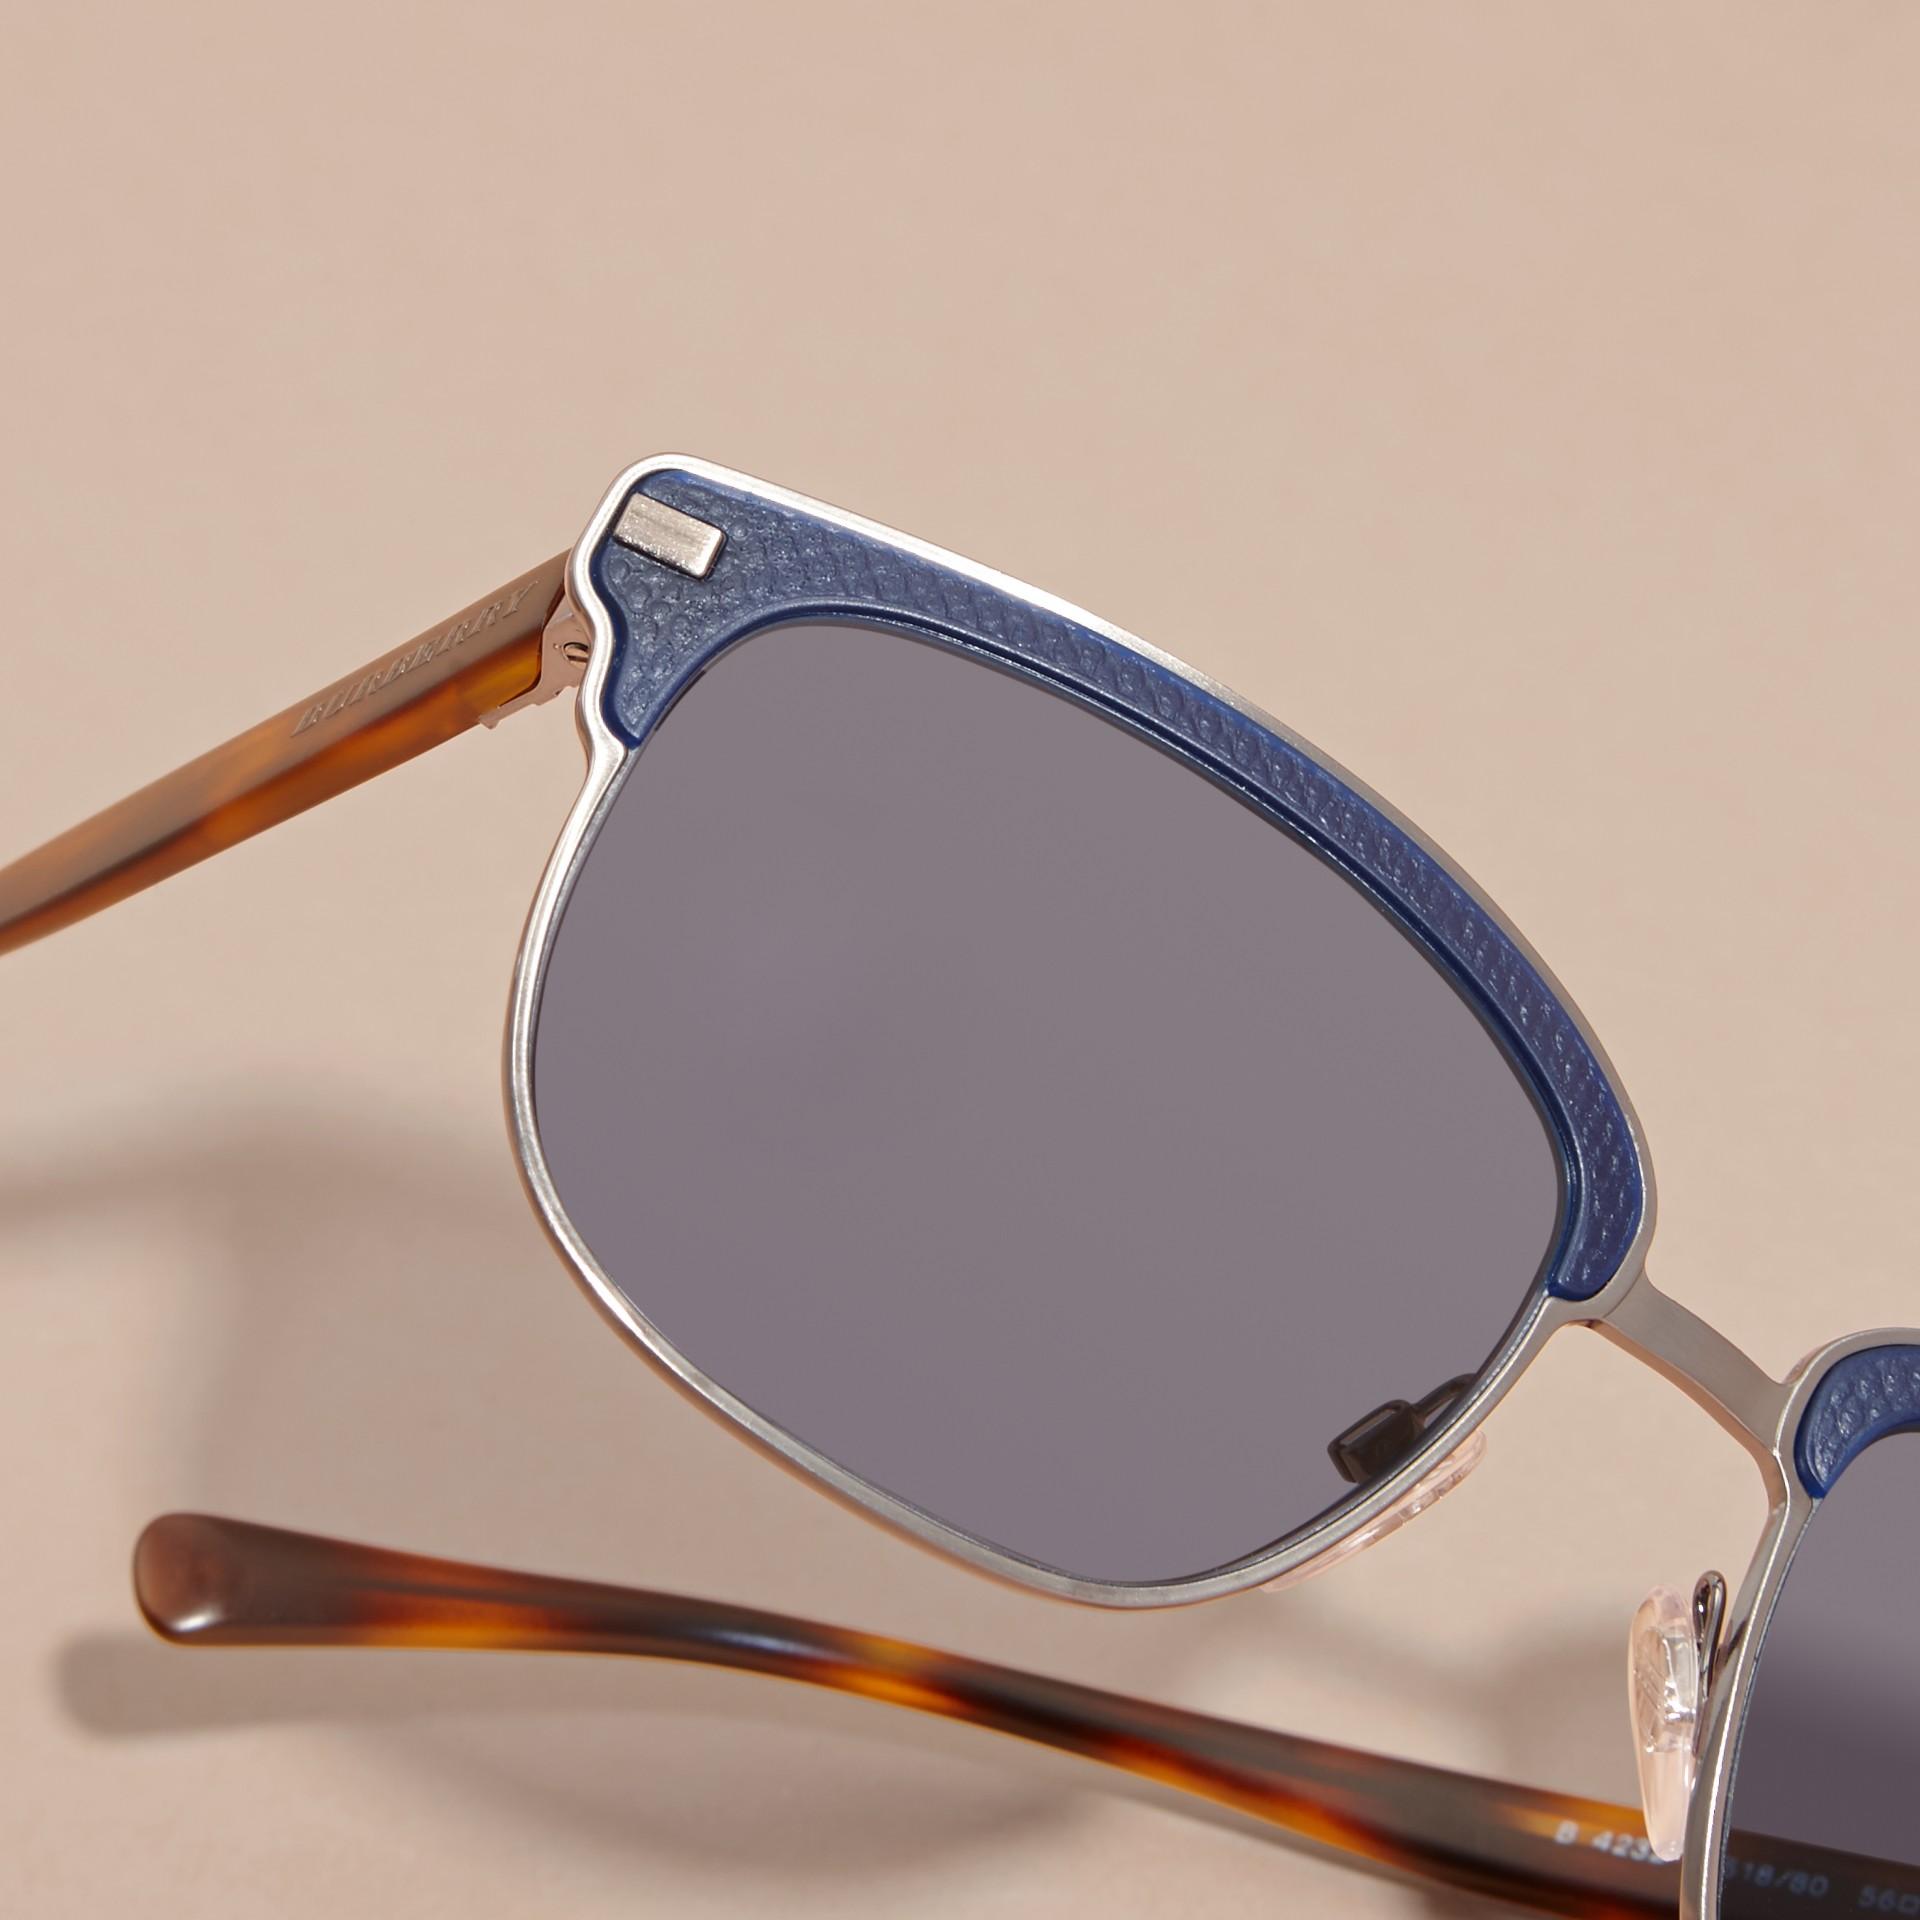 Burberry Glasses Frames Australia : Textured Front Square Frame Sunglasses in Dark Navy - Men ...